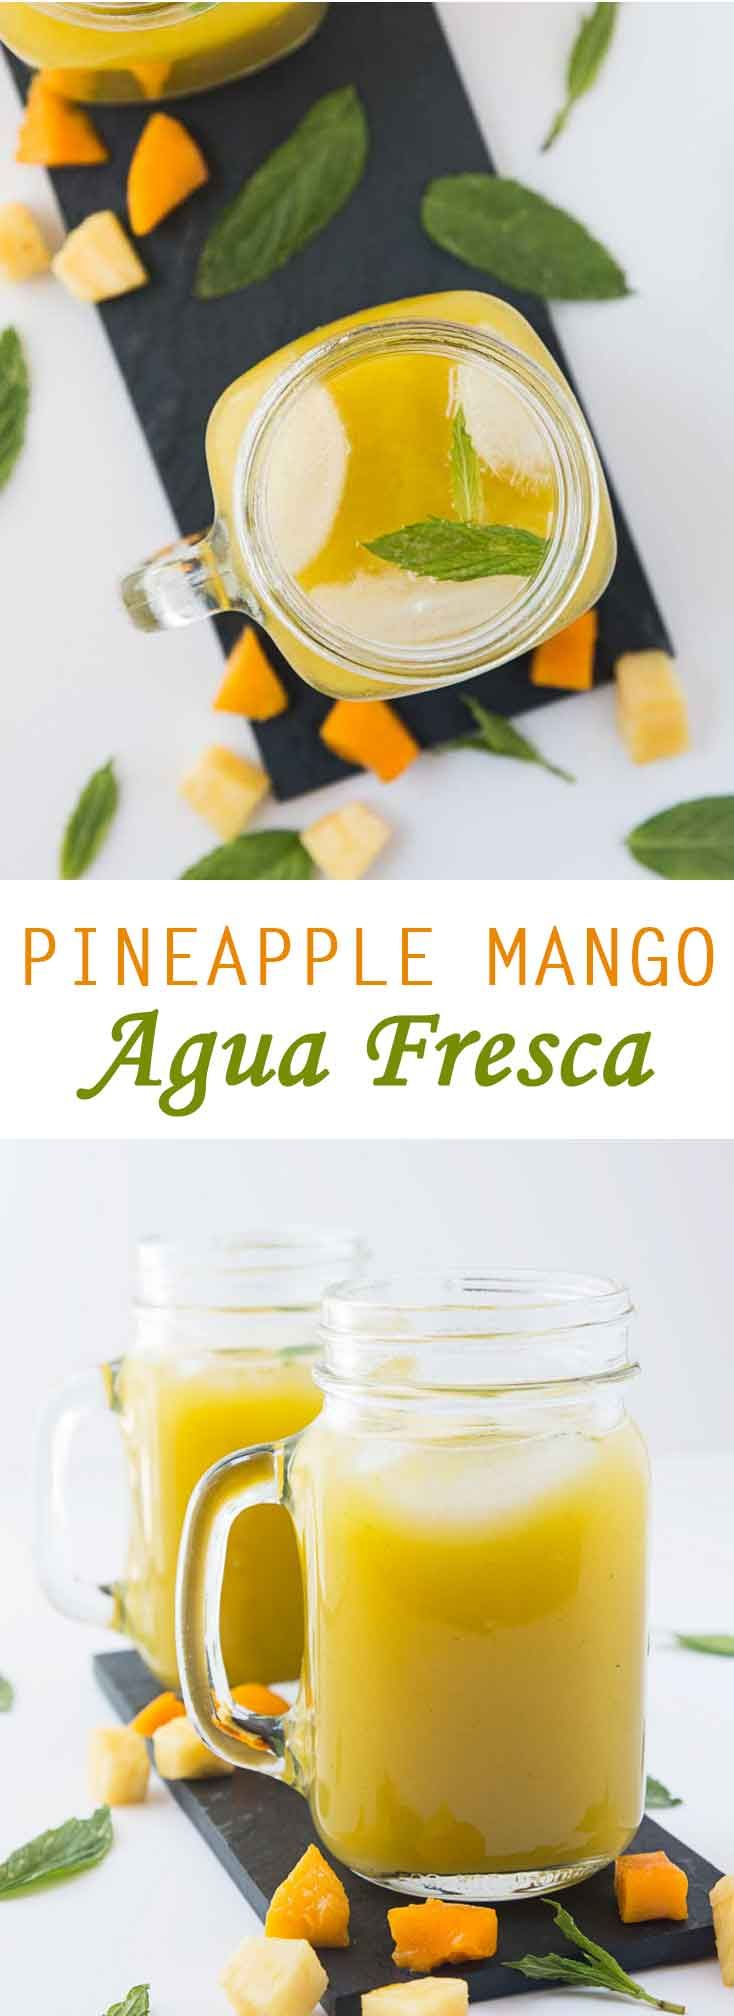 Pineapple Mango Agua Fresca